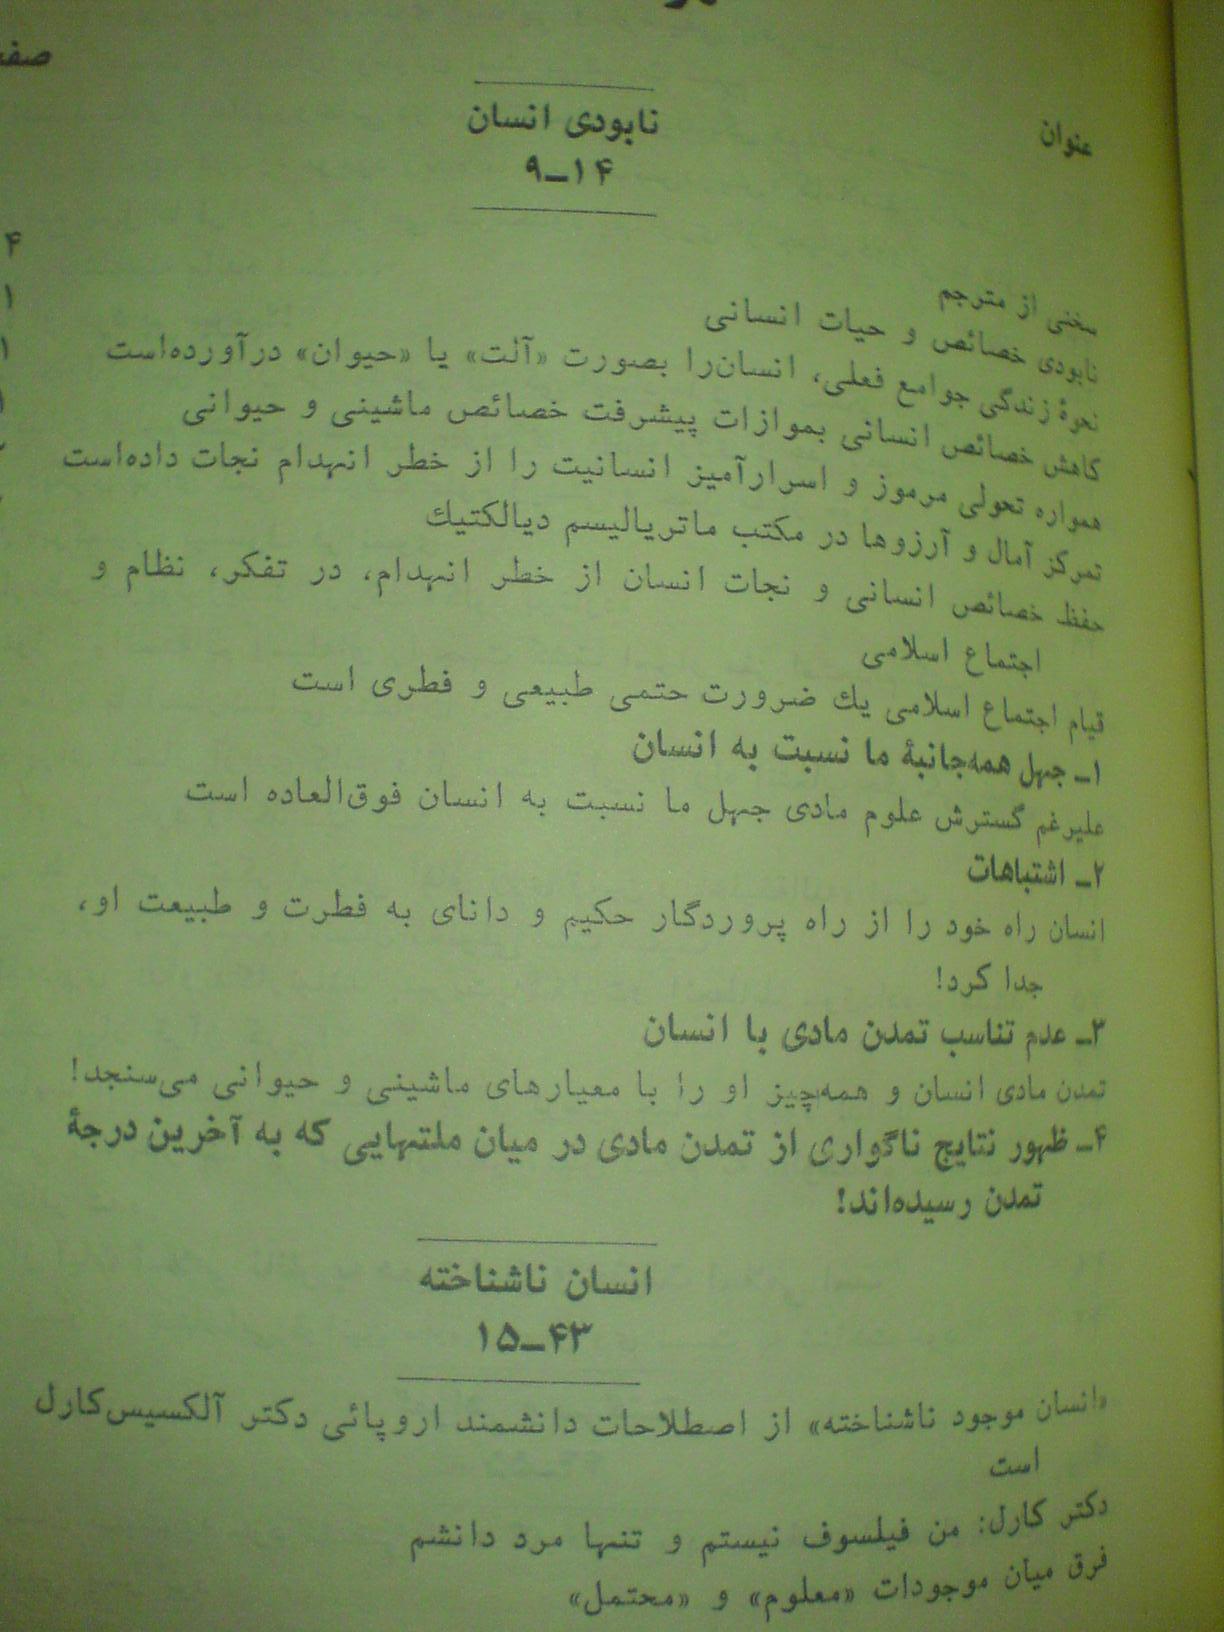 کتاب فاجعه تمدن و رسالت اسلامی